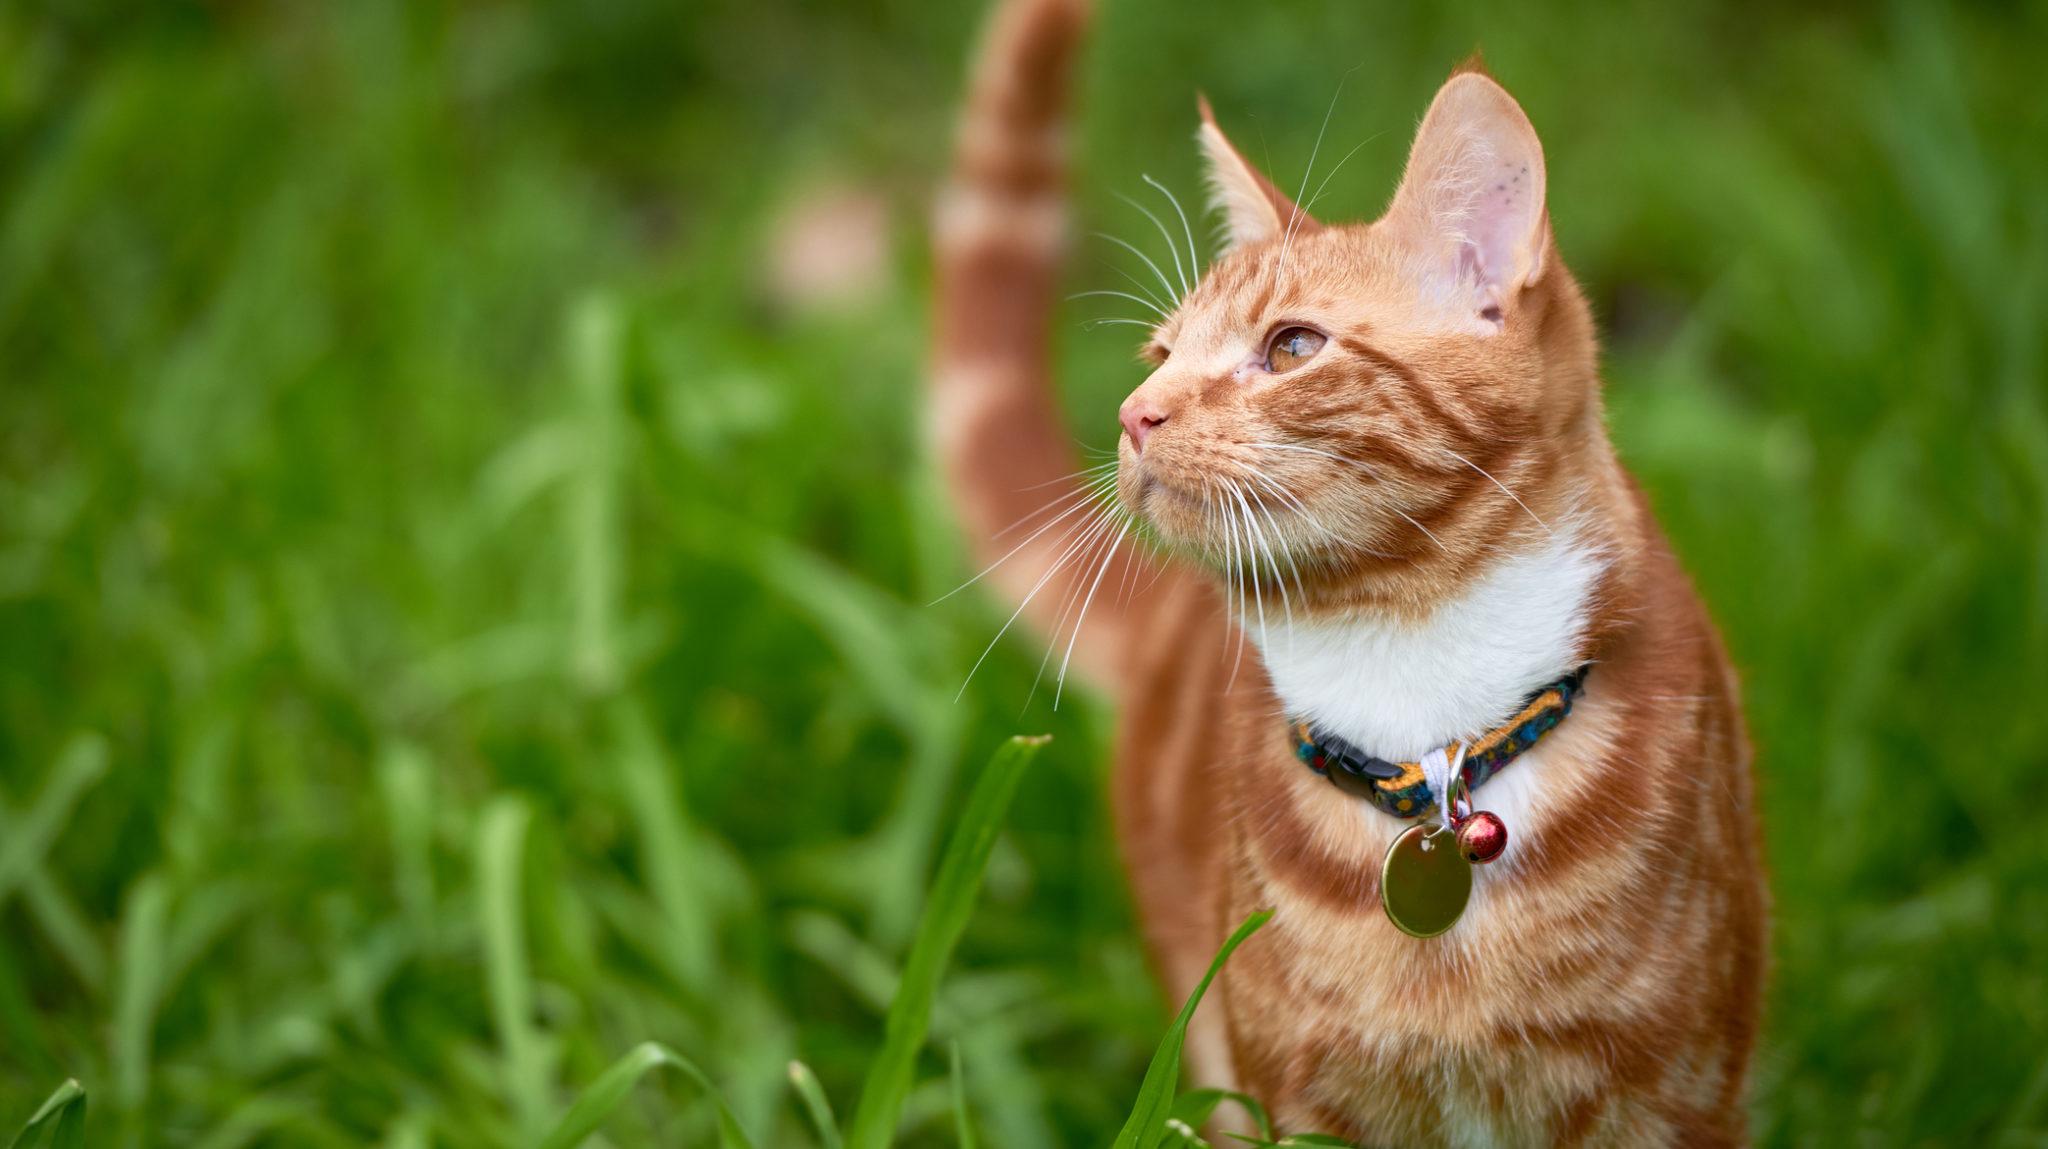 orange cat in grass